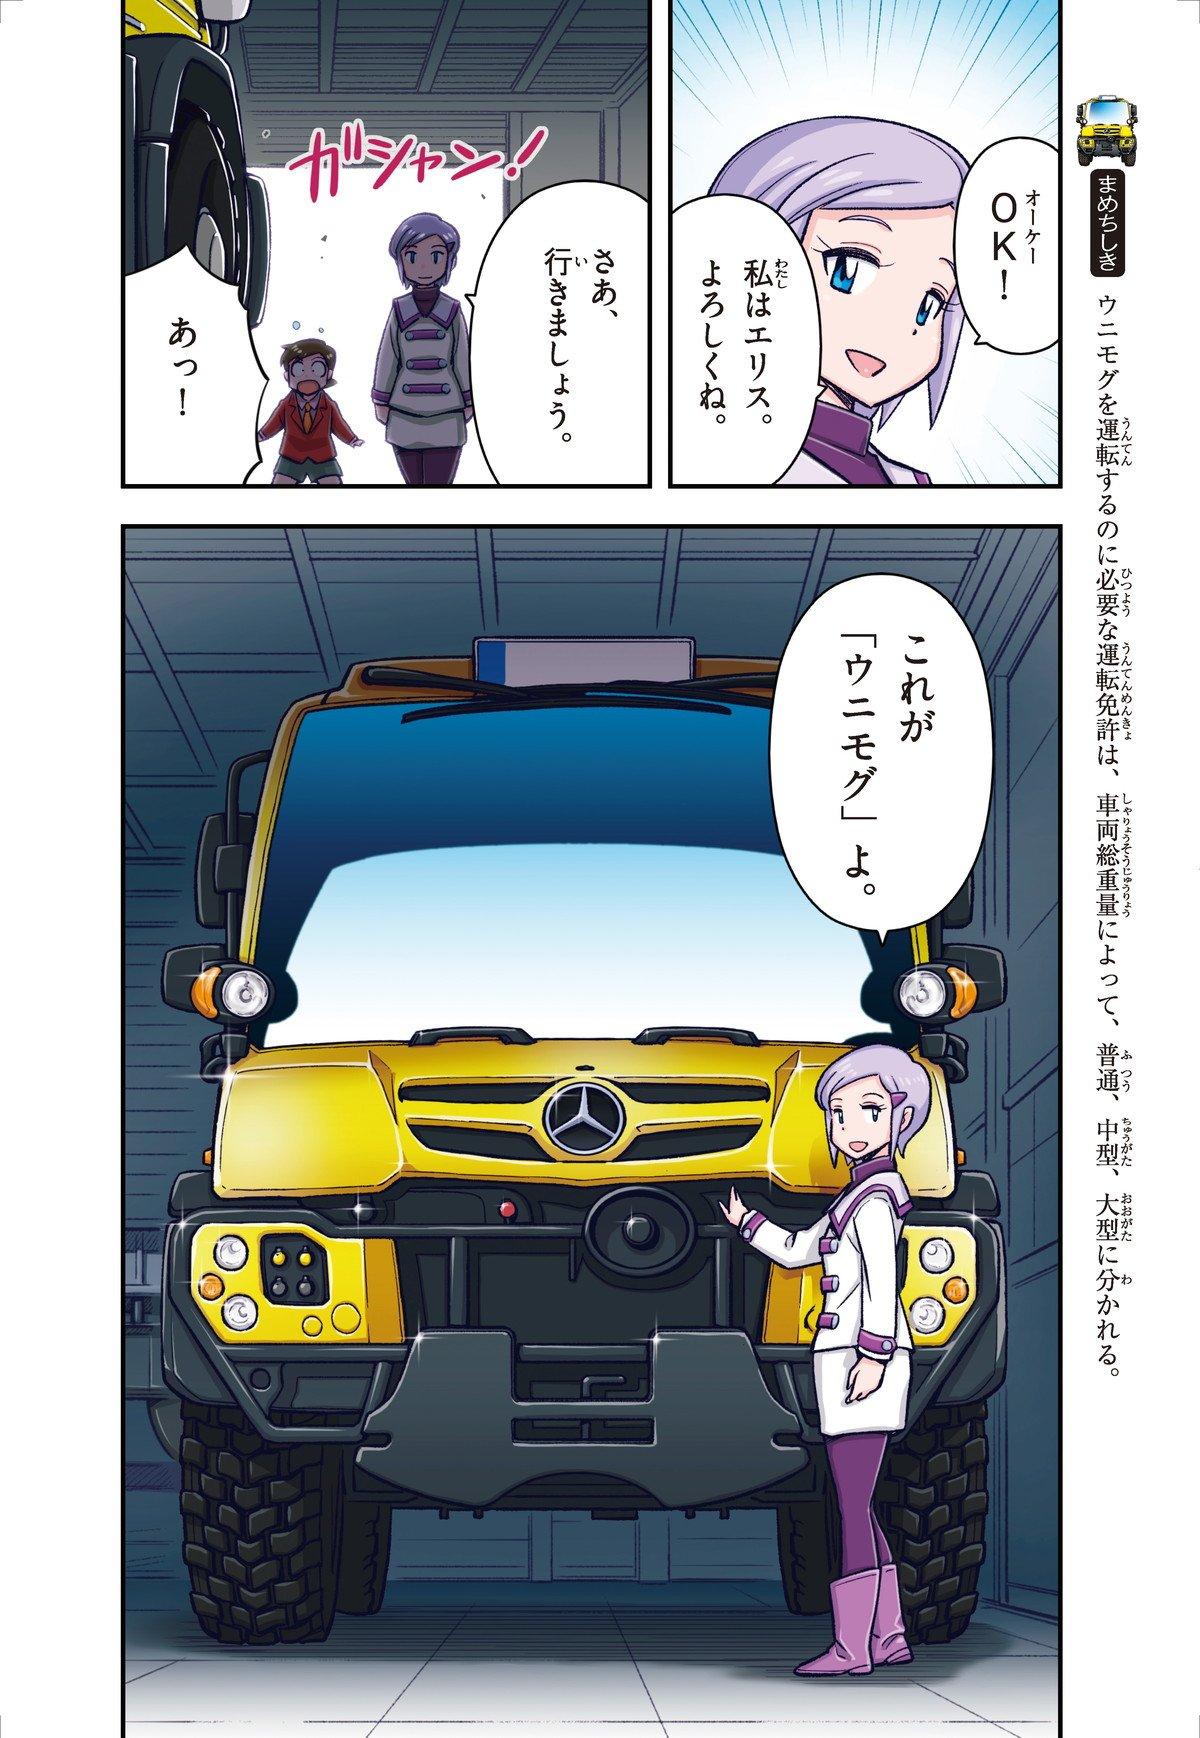 車を買う時の参考にもなる!?無料で読めるマンガがすごい!!!